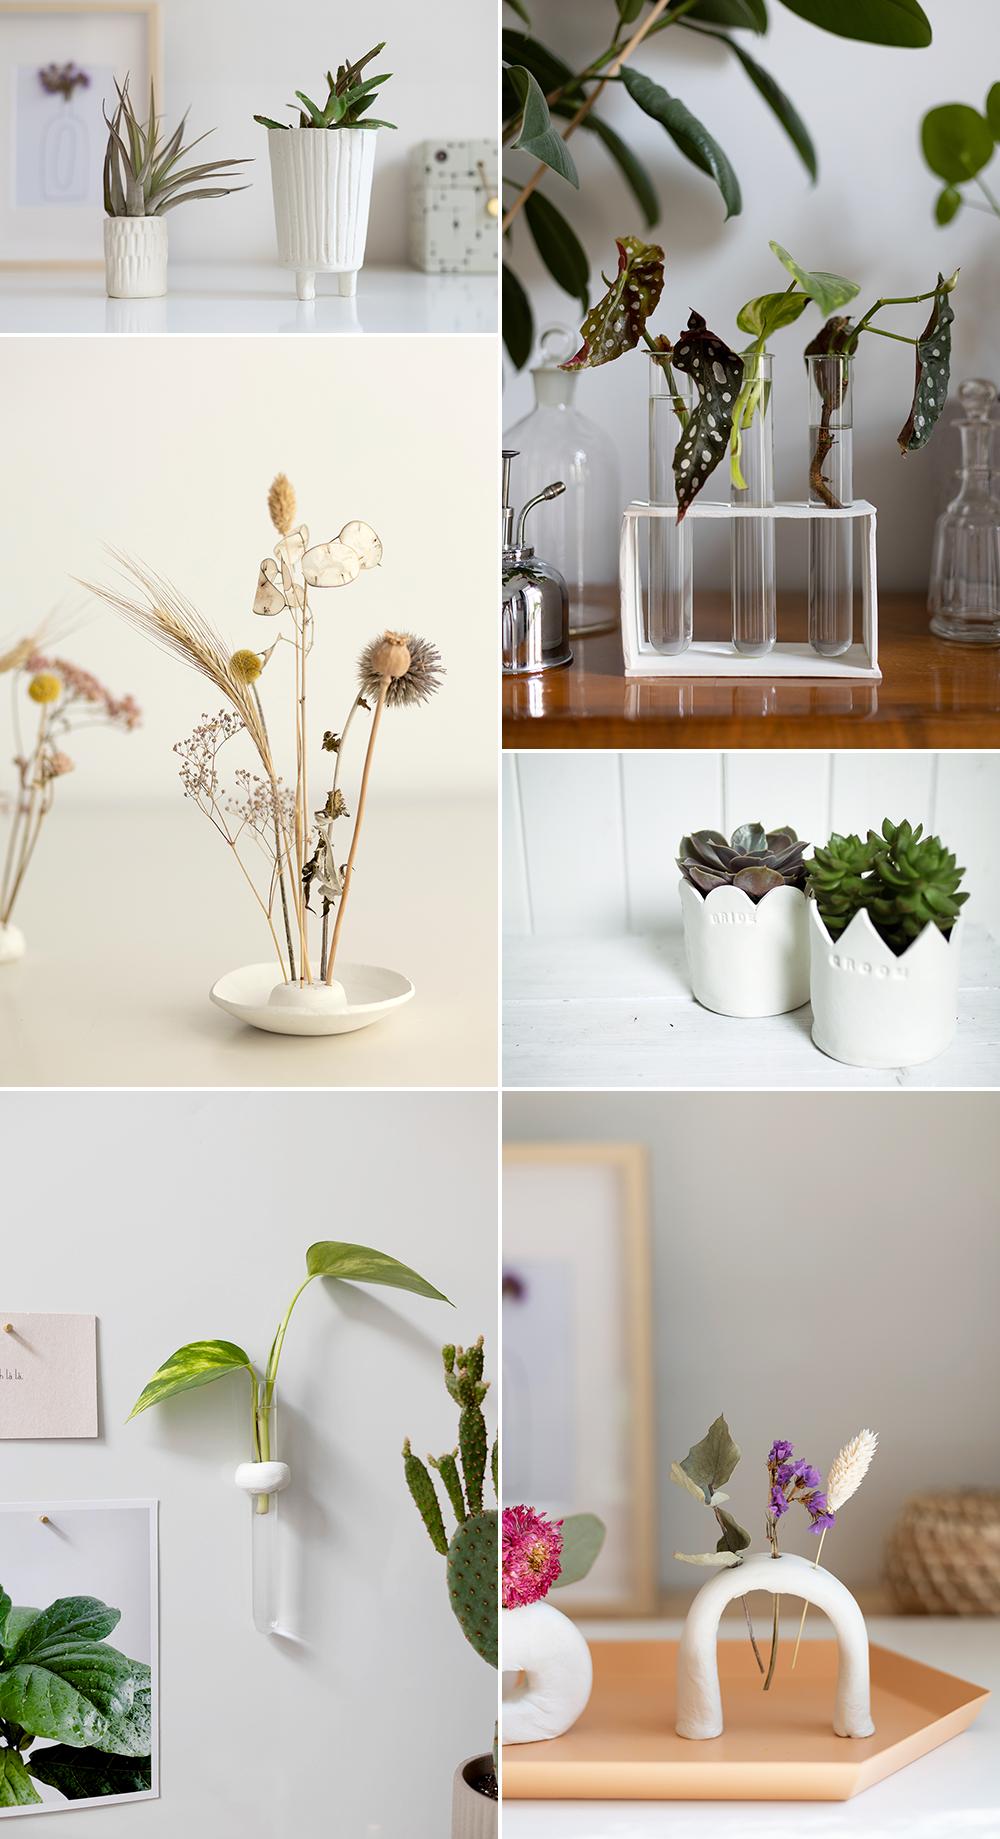 DIY-Inspiration: DIYs aus Modelliermasse und Clay für Pflanzen und Blumen | we love handmade